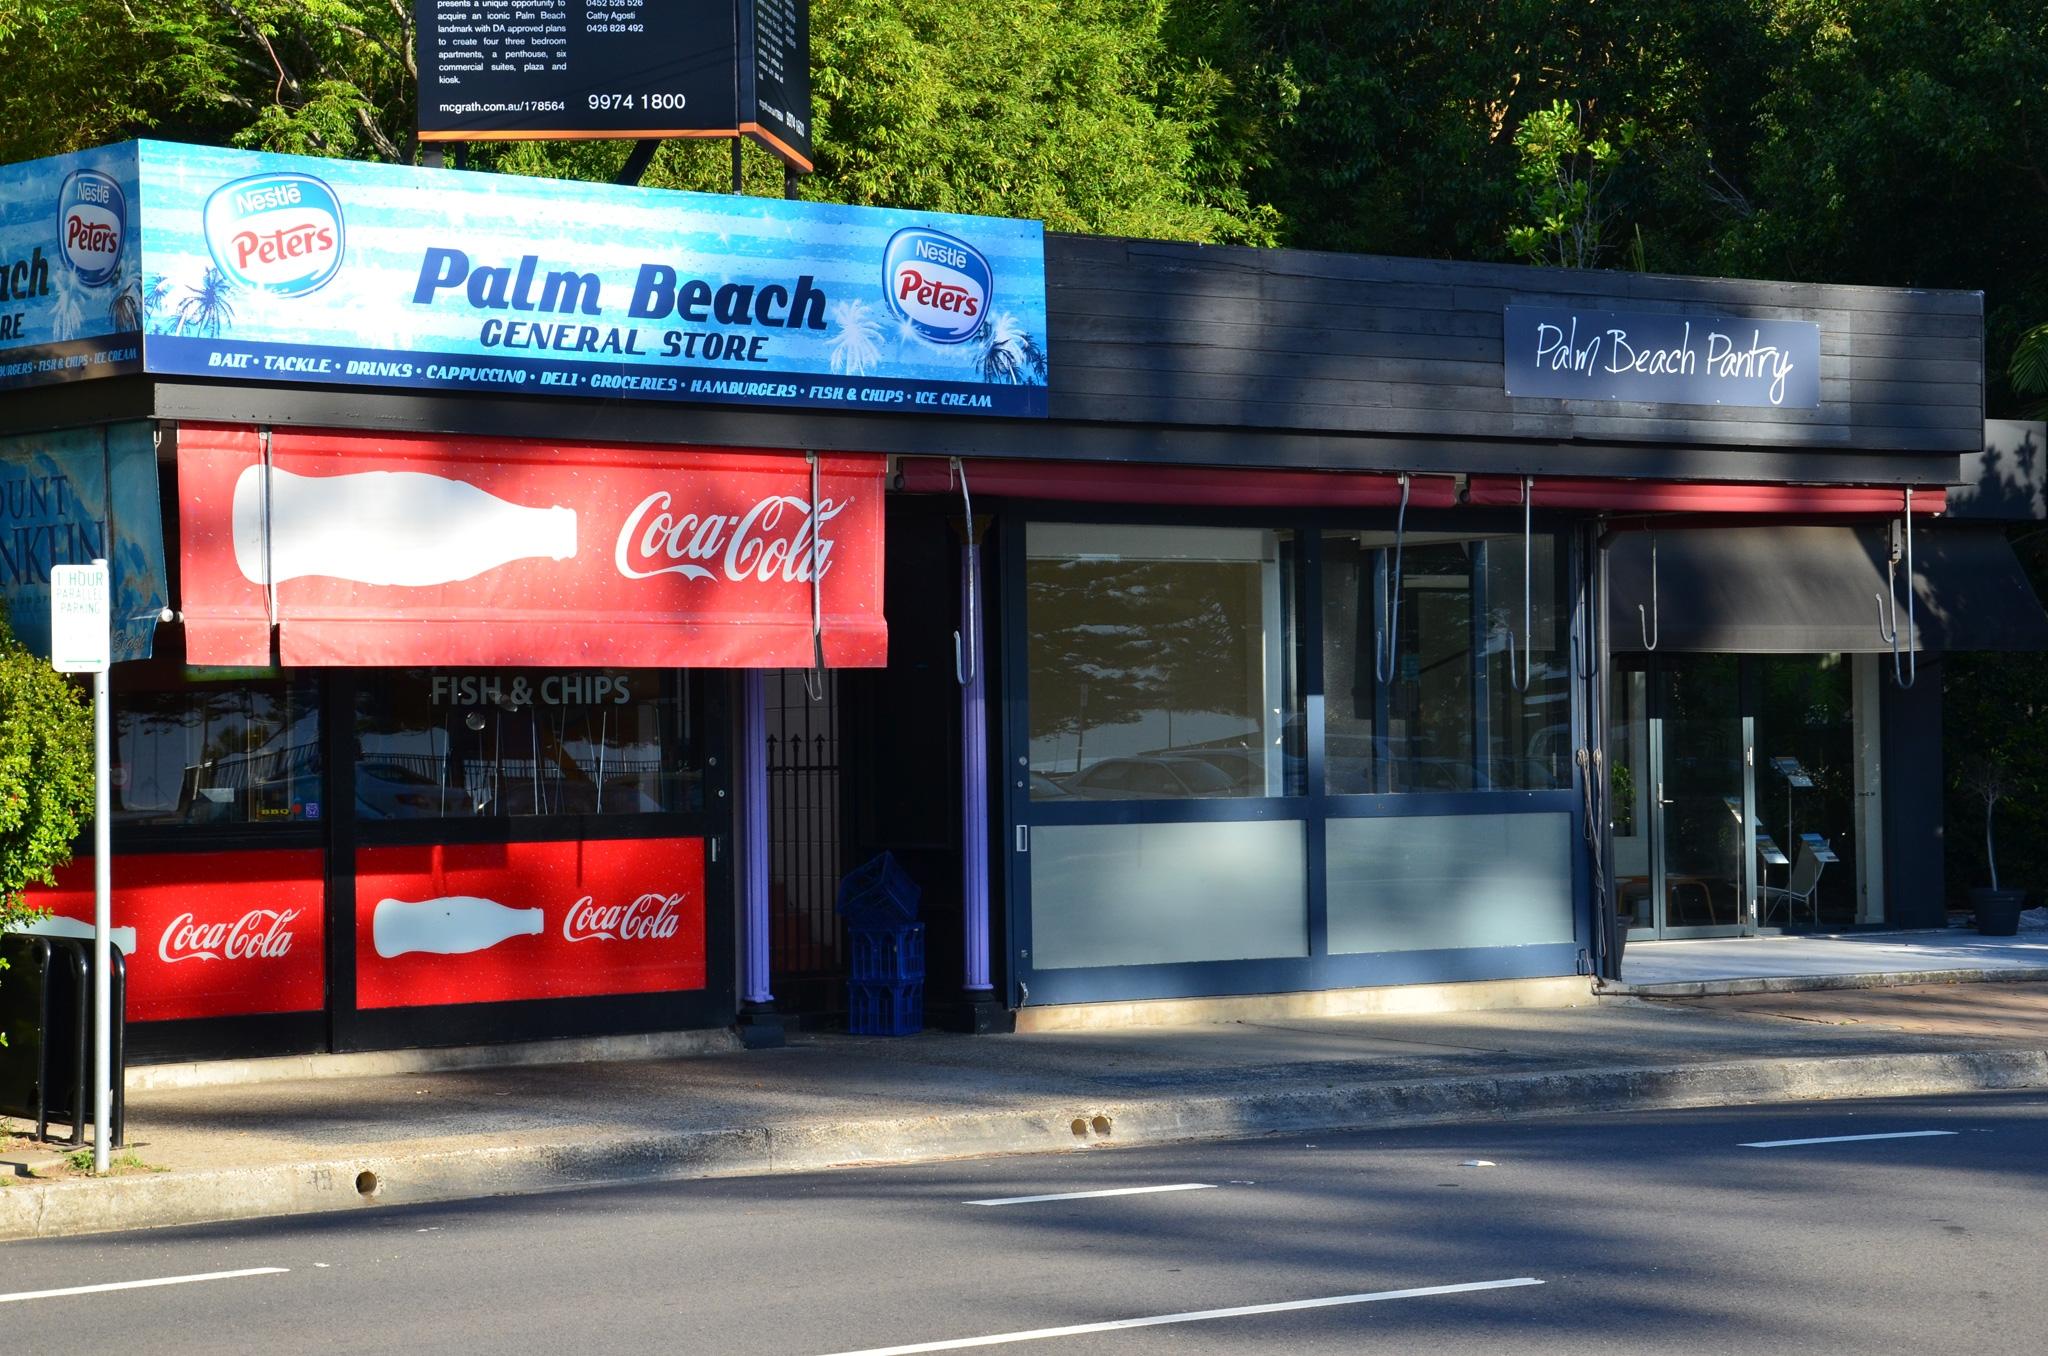 Palm Beach - Image �2014 ManlyAustralia.com